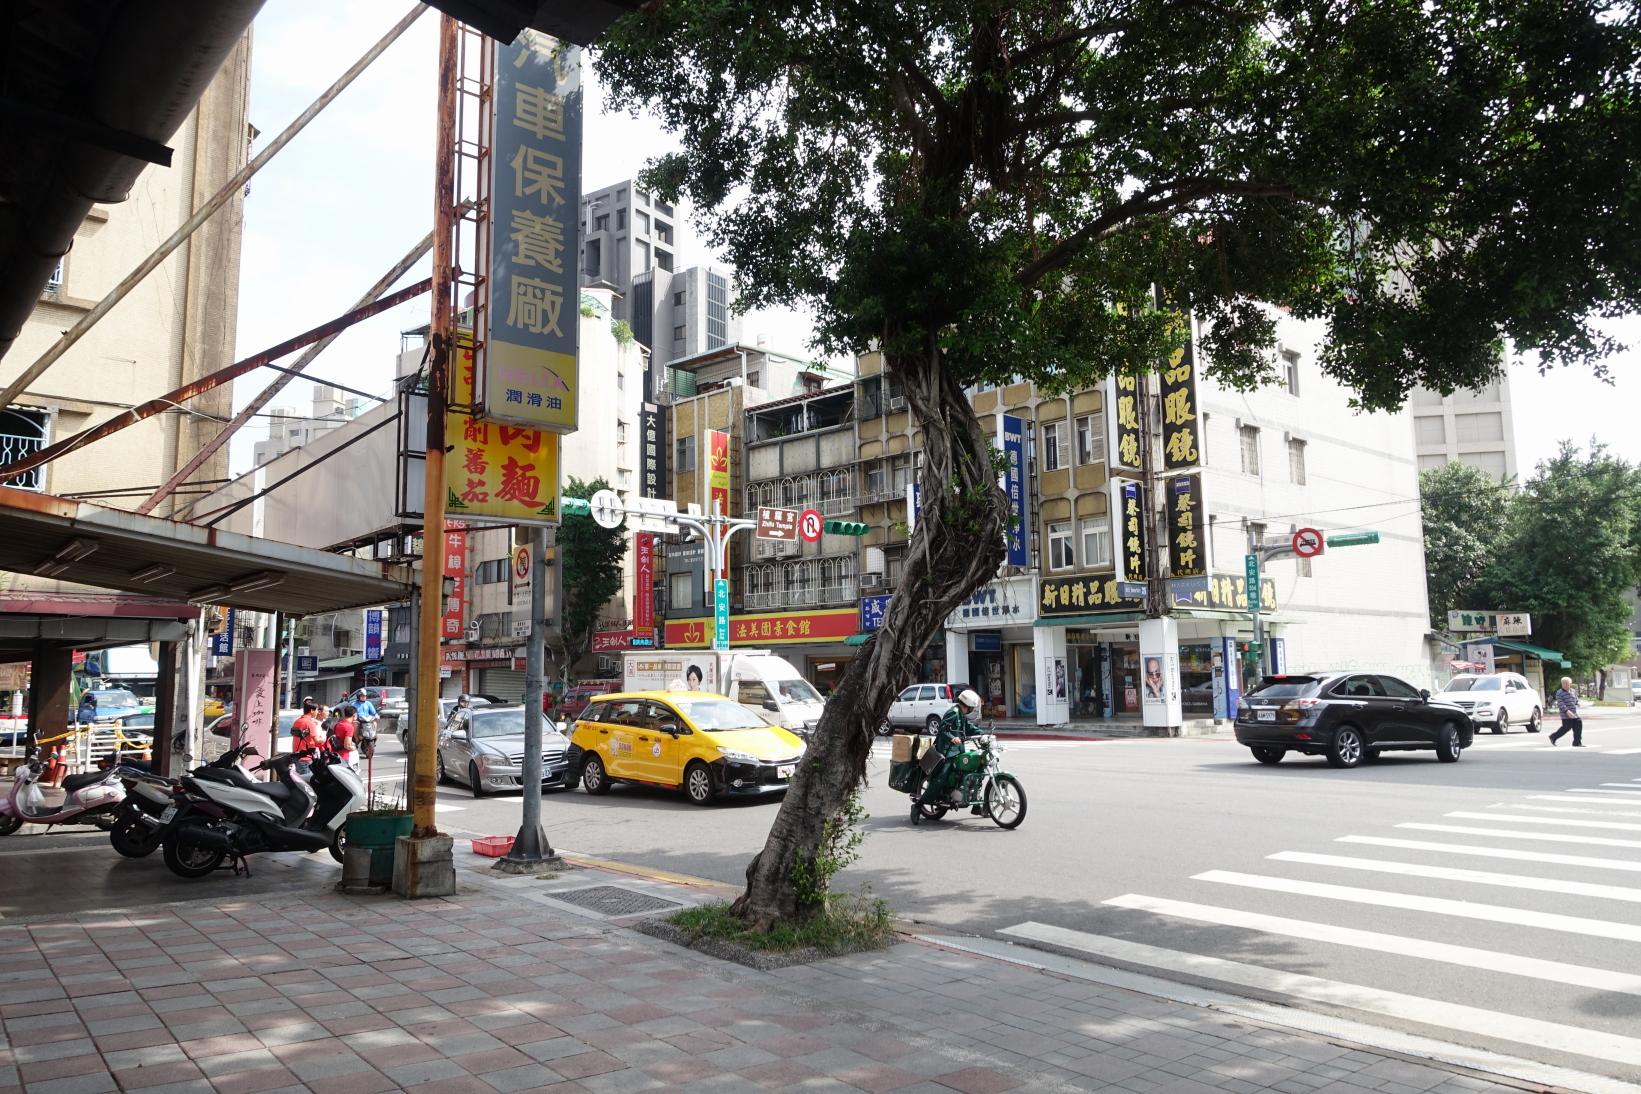 대만에서 그저께 목격한 오토바이교통사고